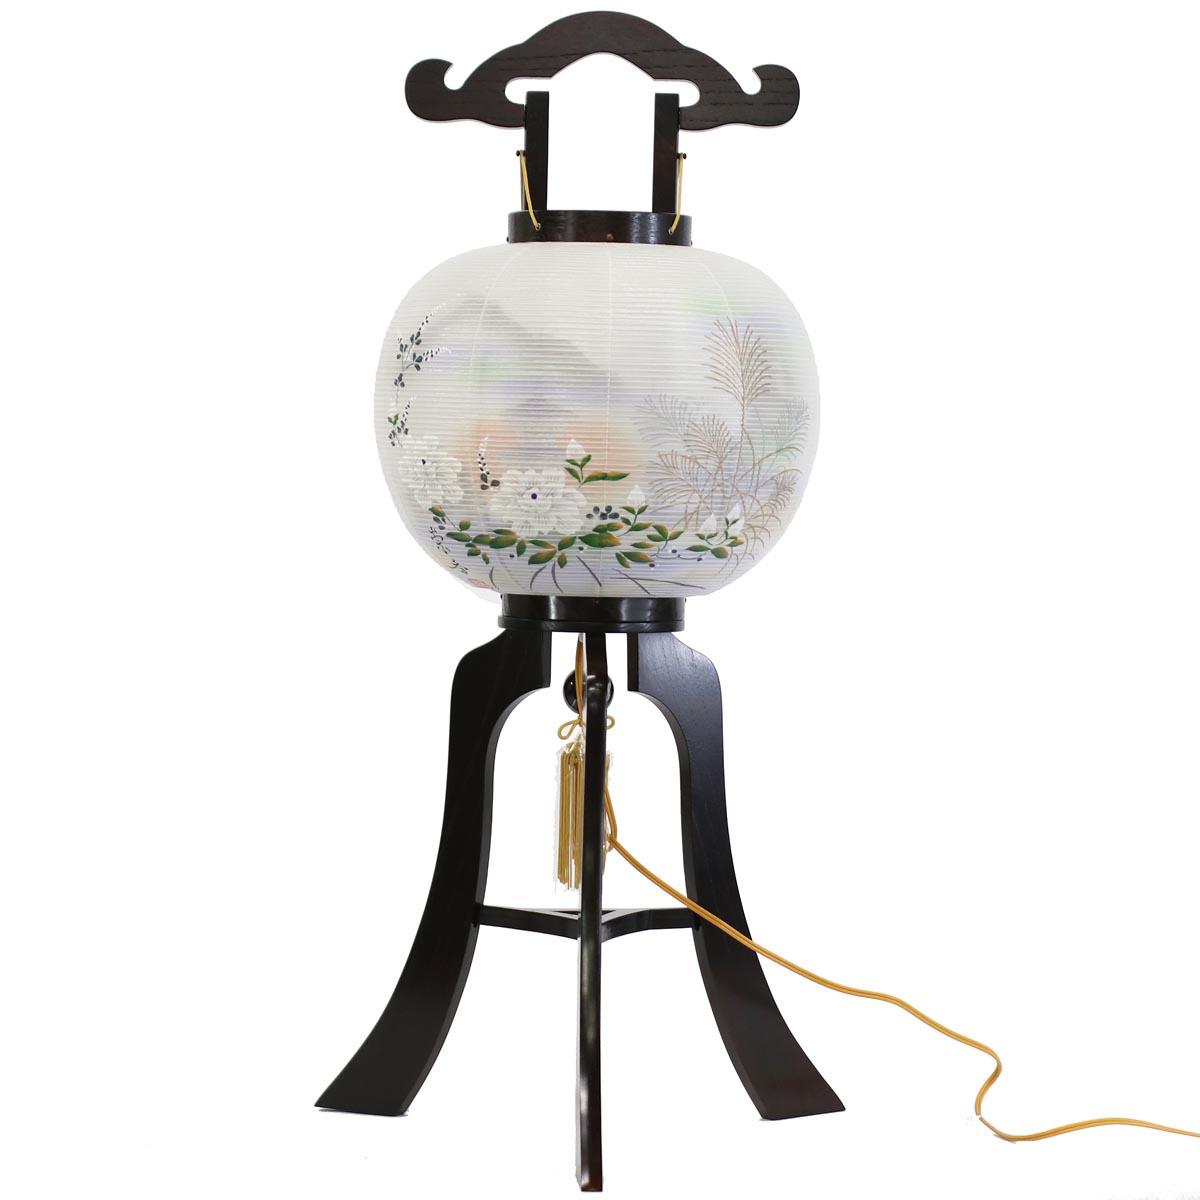 【あす楽対応】etc 盆提灯 置き型提灯 行灯 『 黒檀調行灯 牡丹 紫 五重塔 』 BCY-T-1103絹 木製 置き型 置き提灯 行灯 行燈